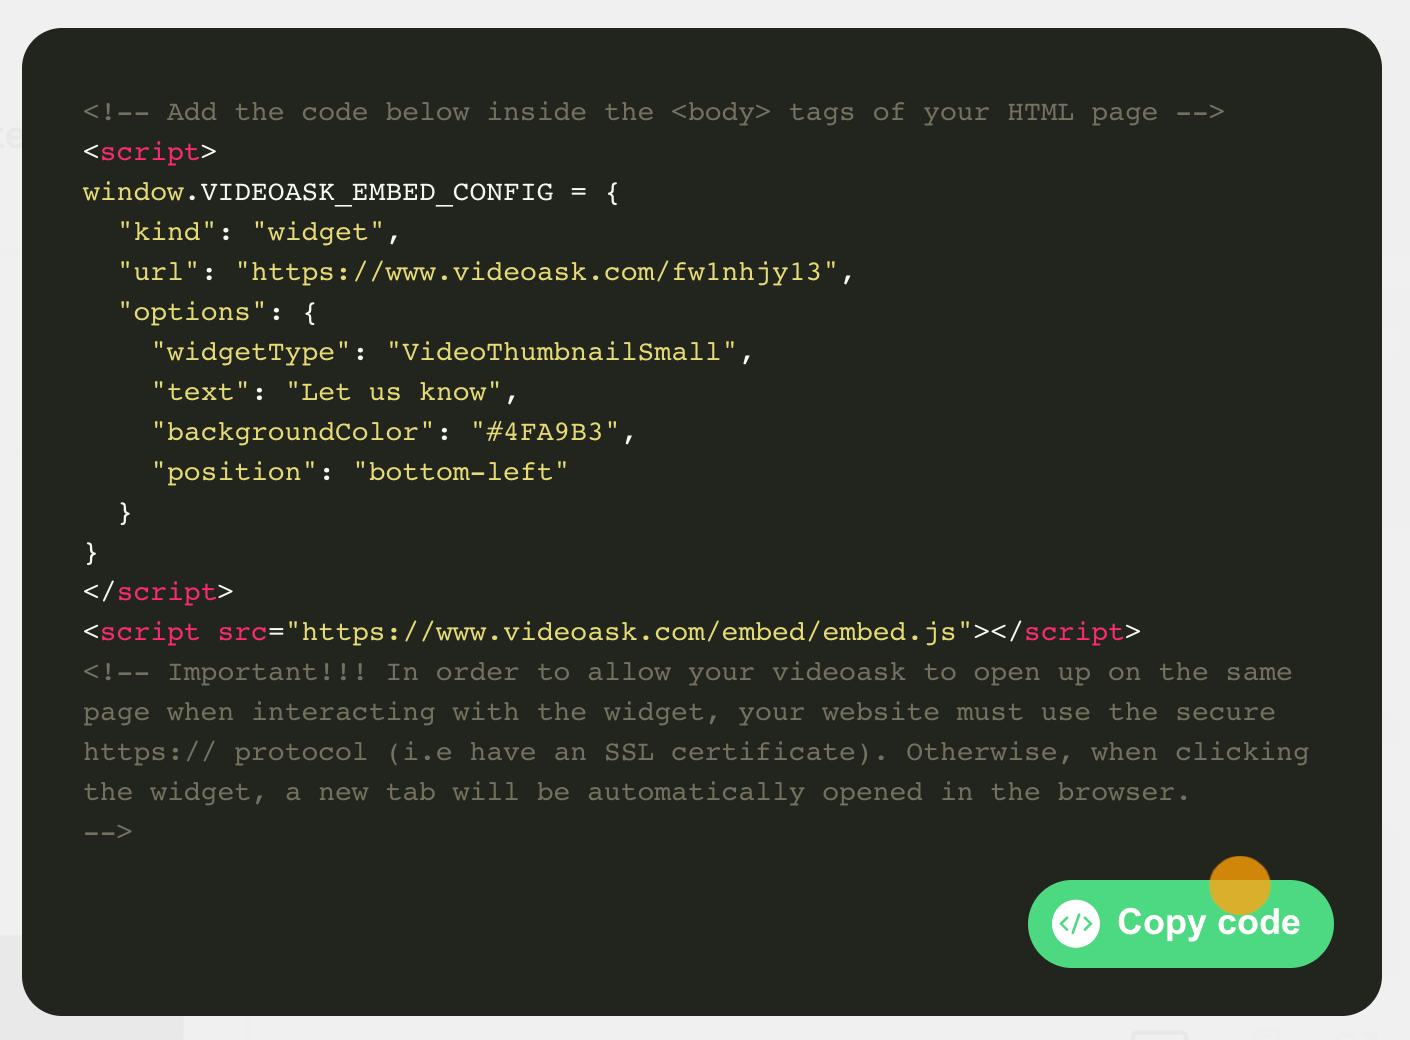 copy_code.png